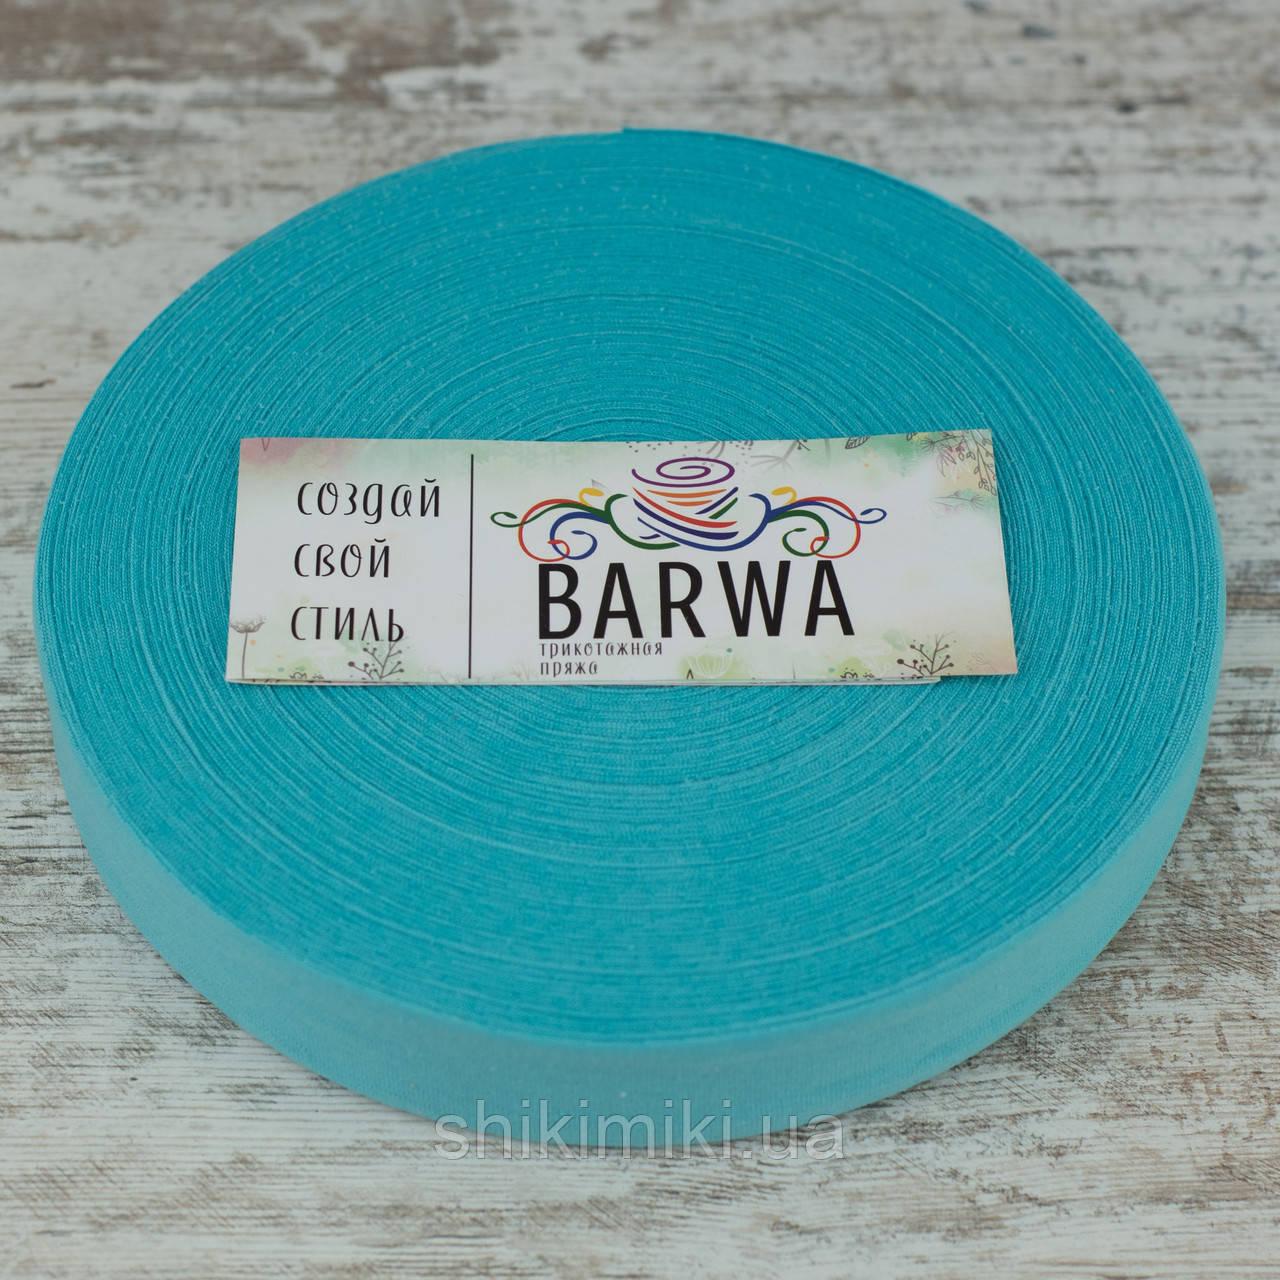 Пряжа трикотажна Barwa в роликах, колір Циан